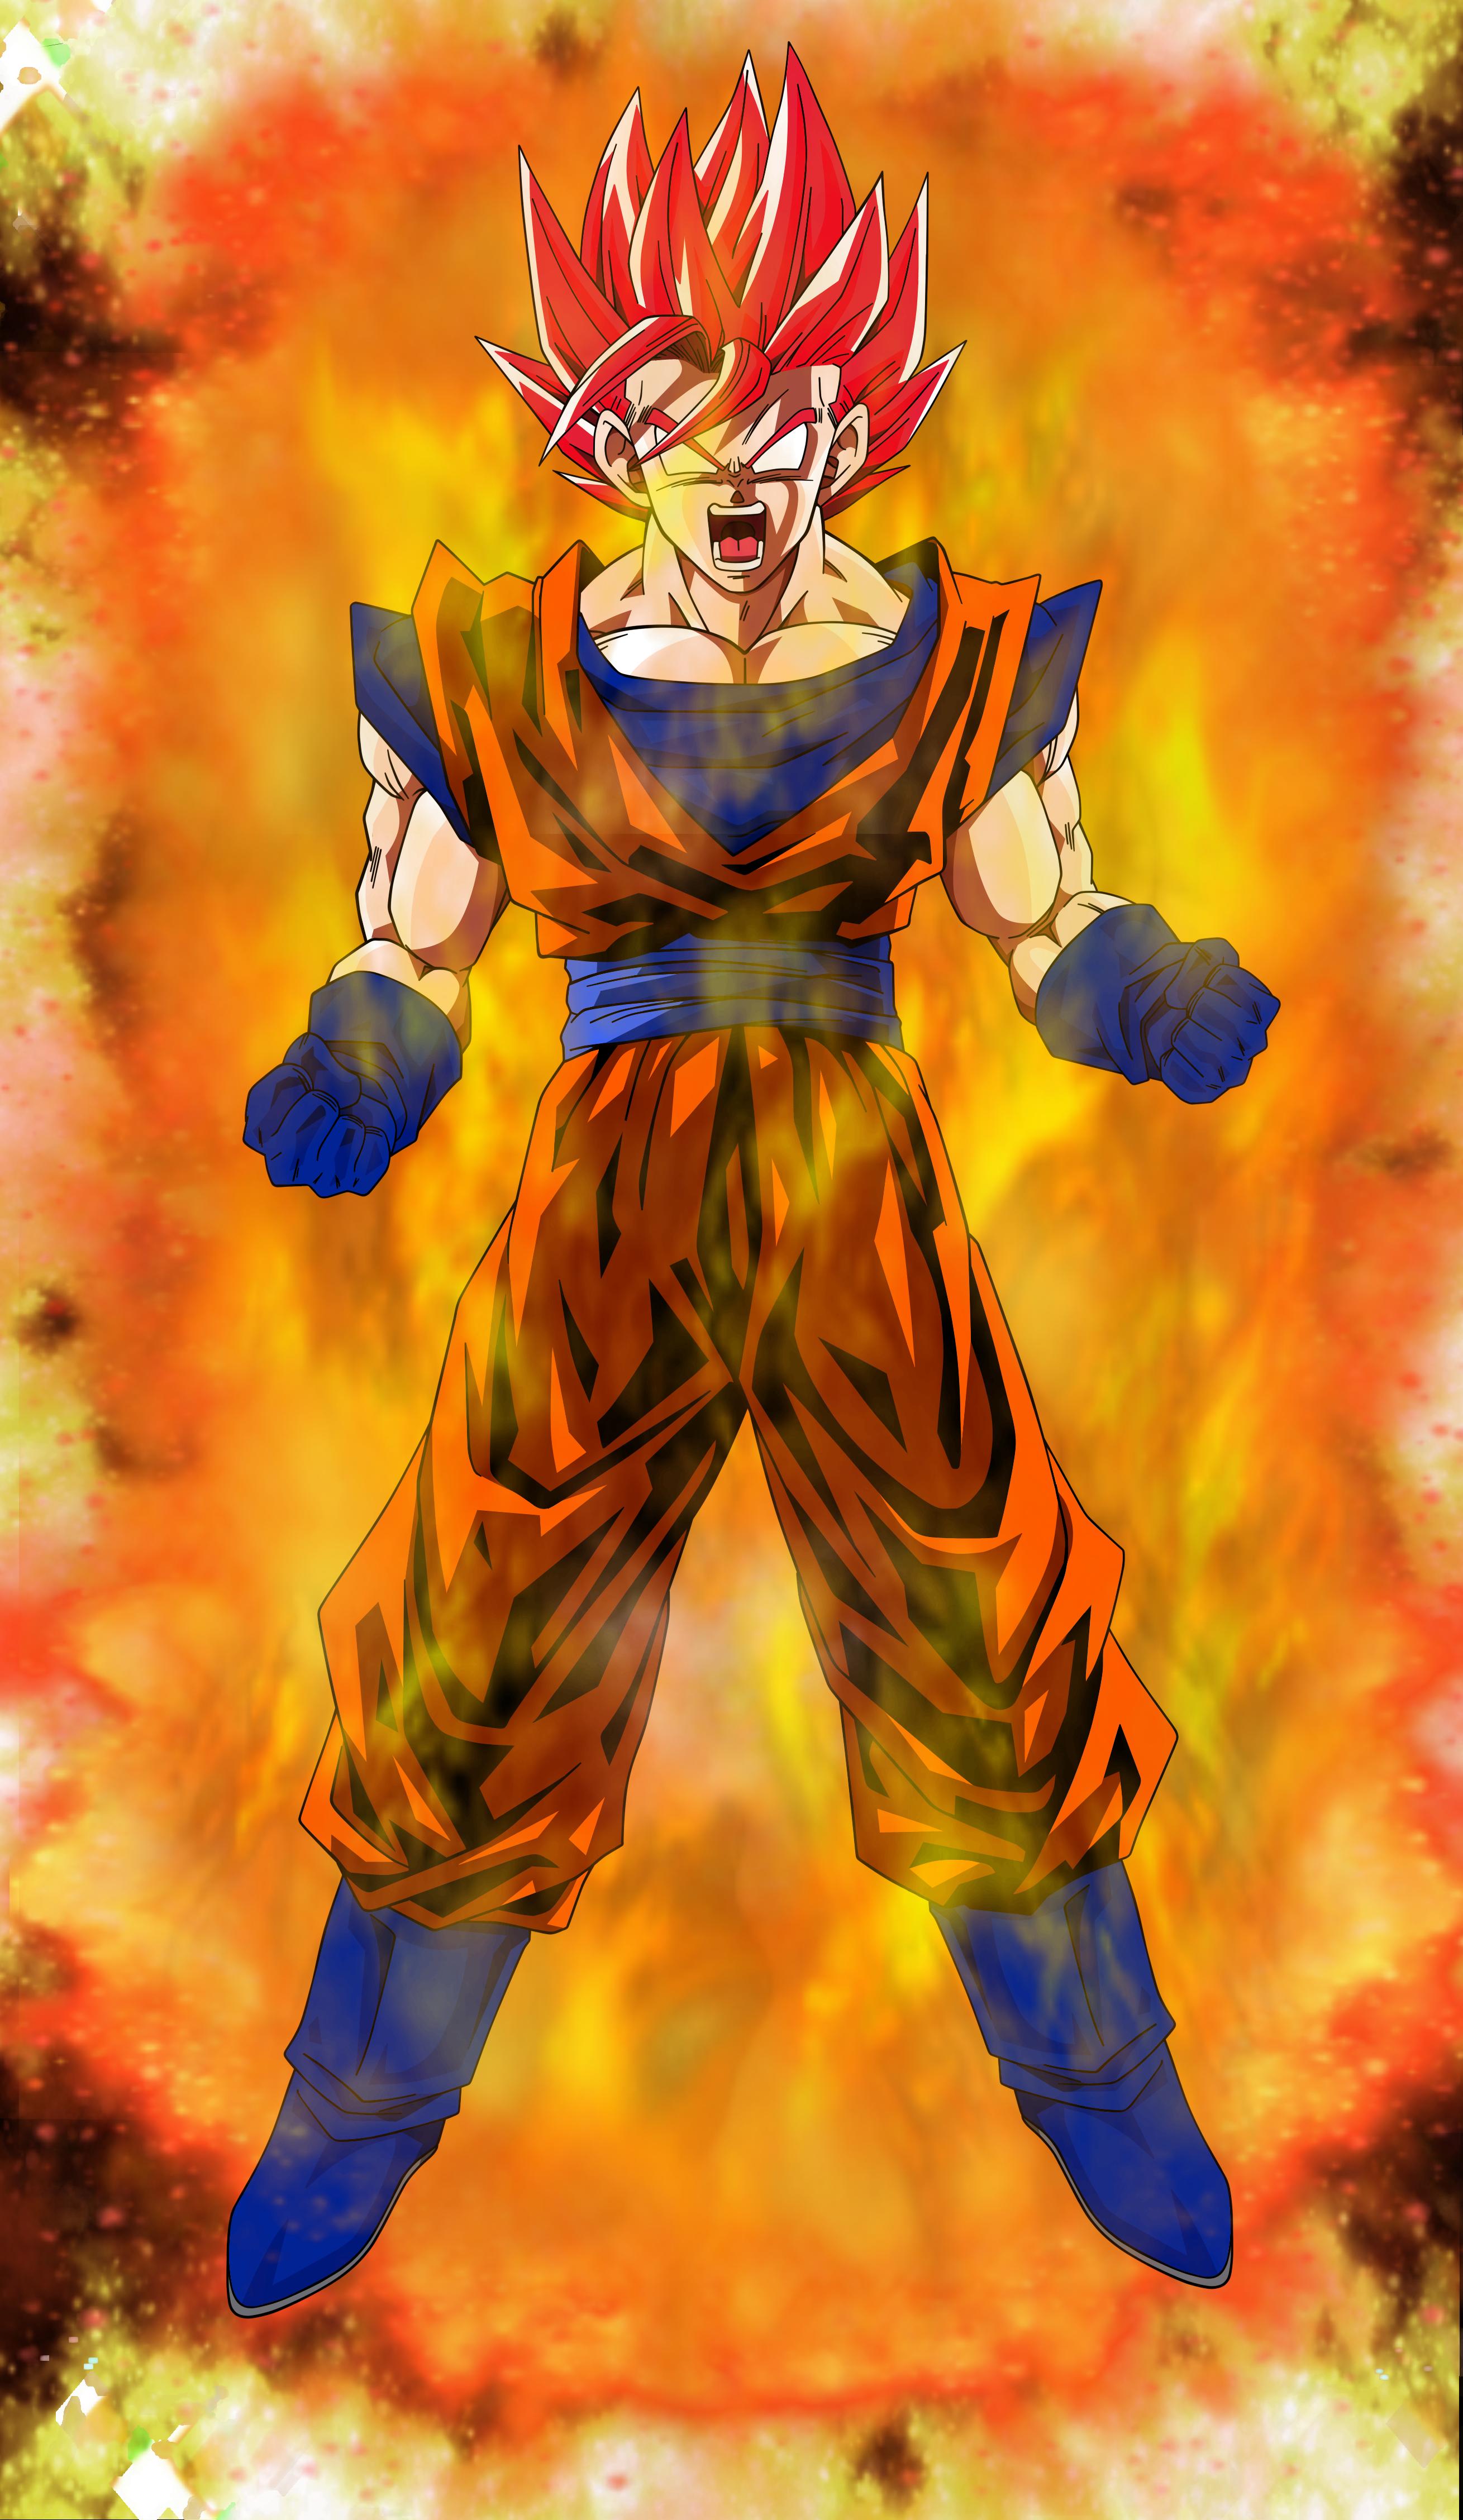 Super saiyan god goku power up by elitesaiyanwarrior on - Sangoku super saiyan god ...